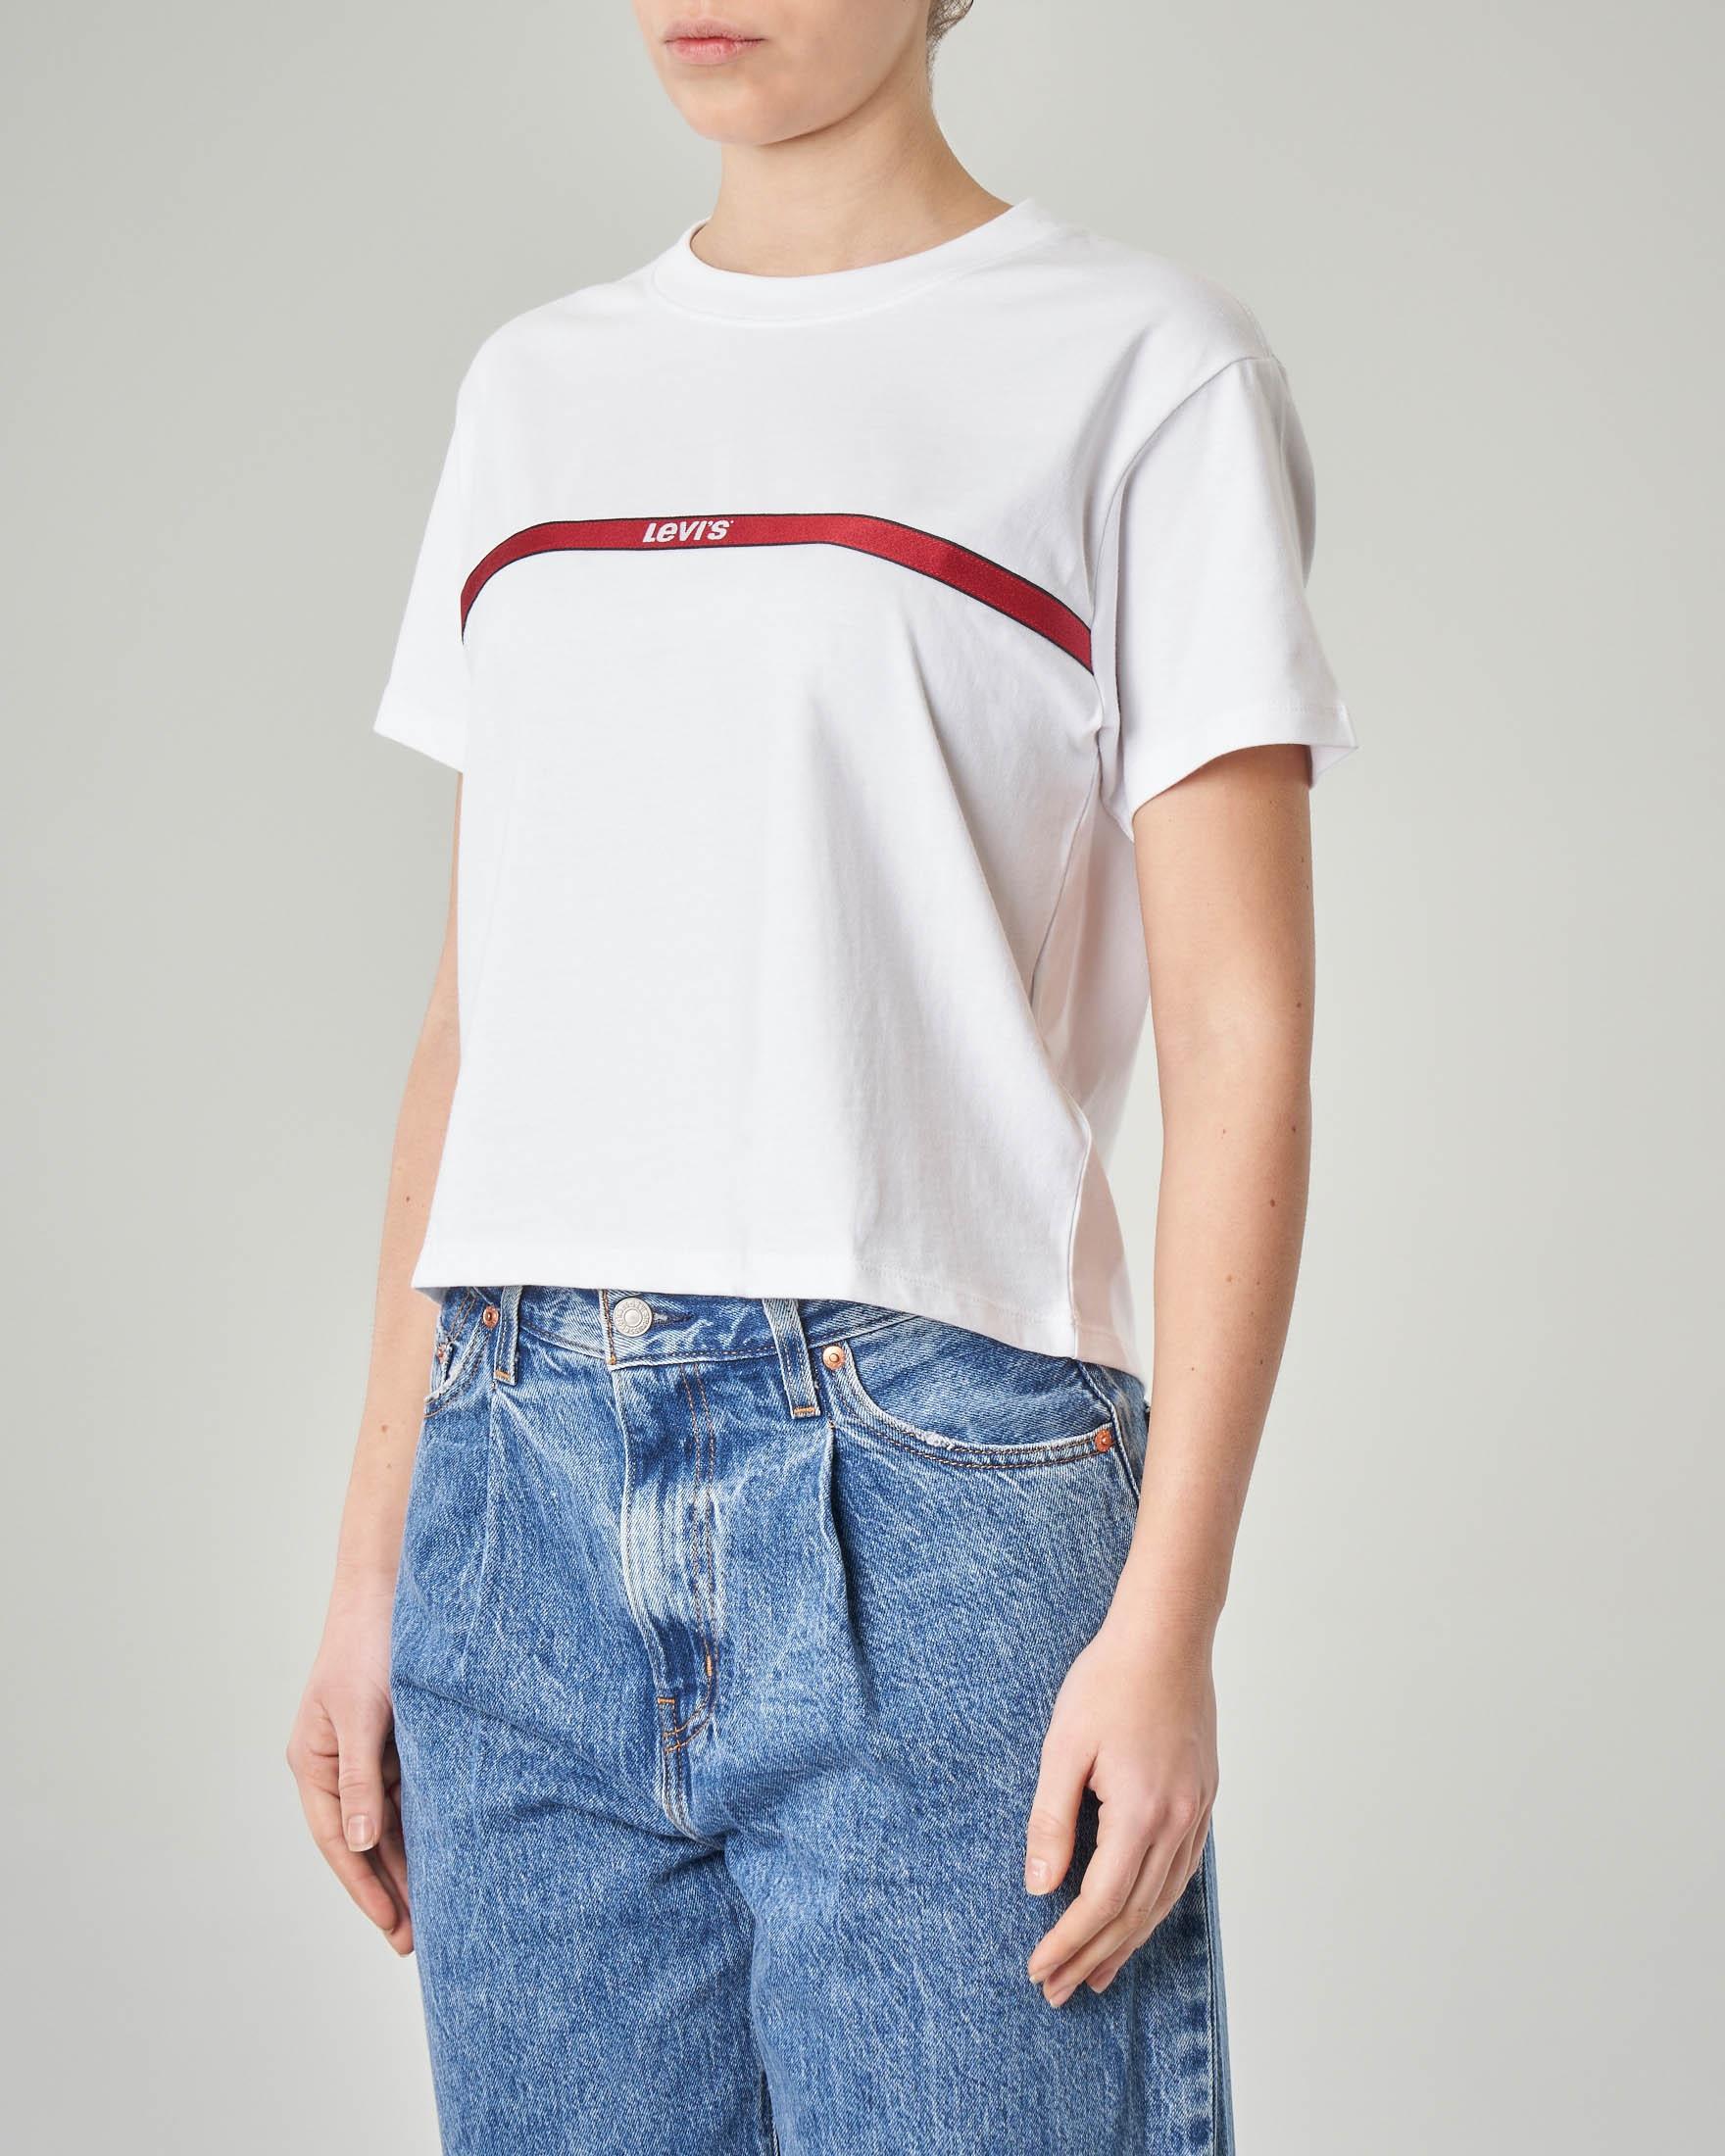 T-shirt cropped bianca con logo